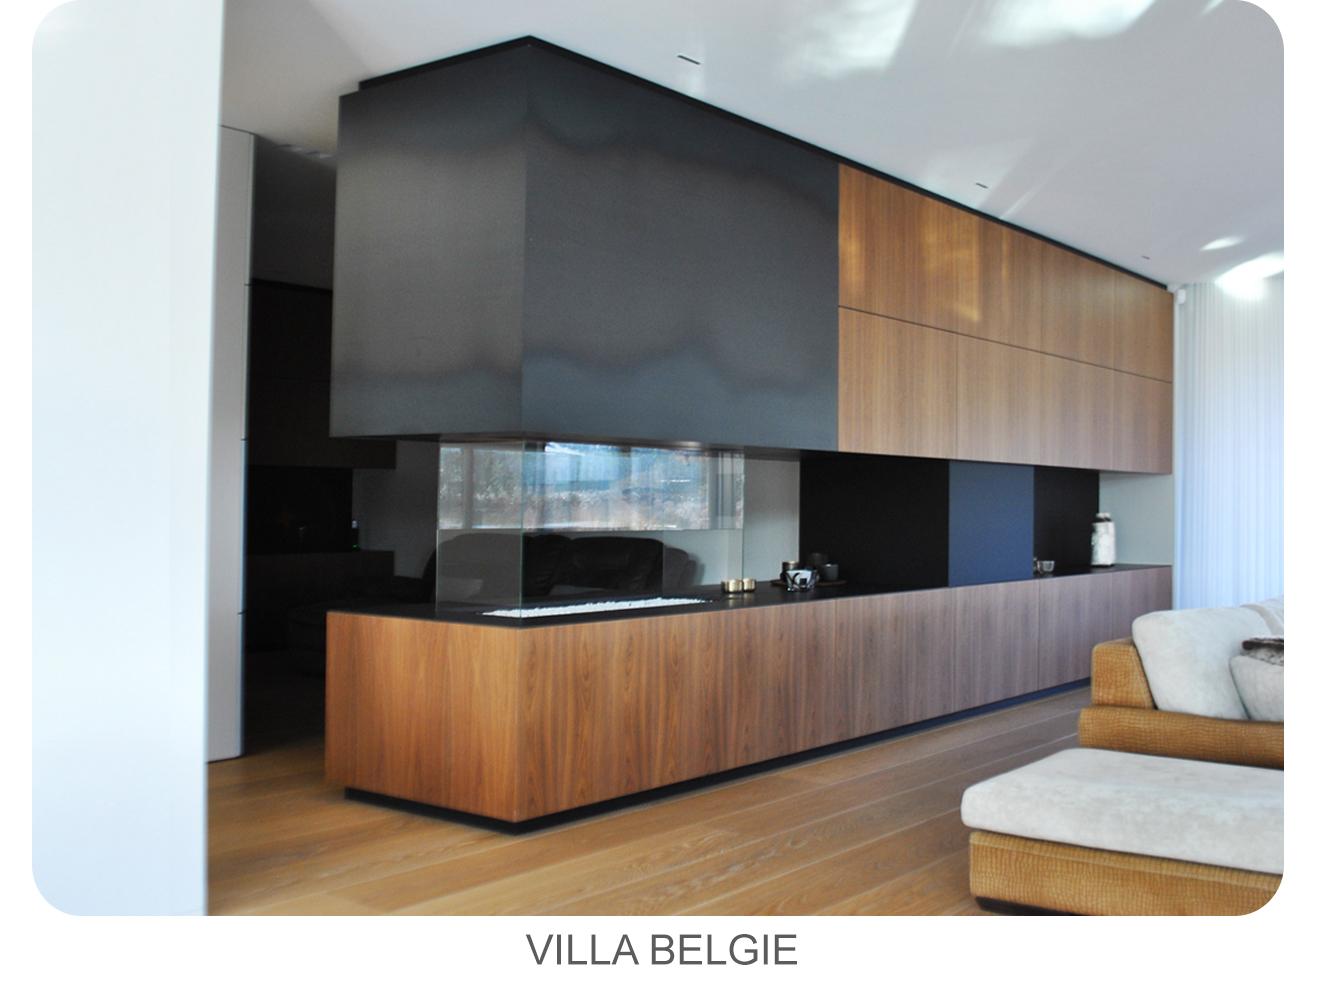 Voorblad Villa belgie